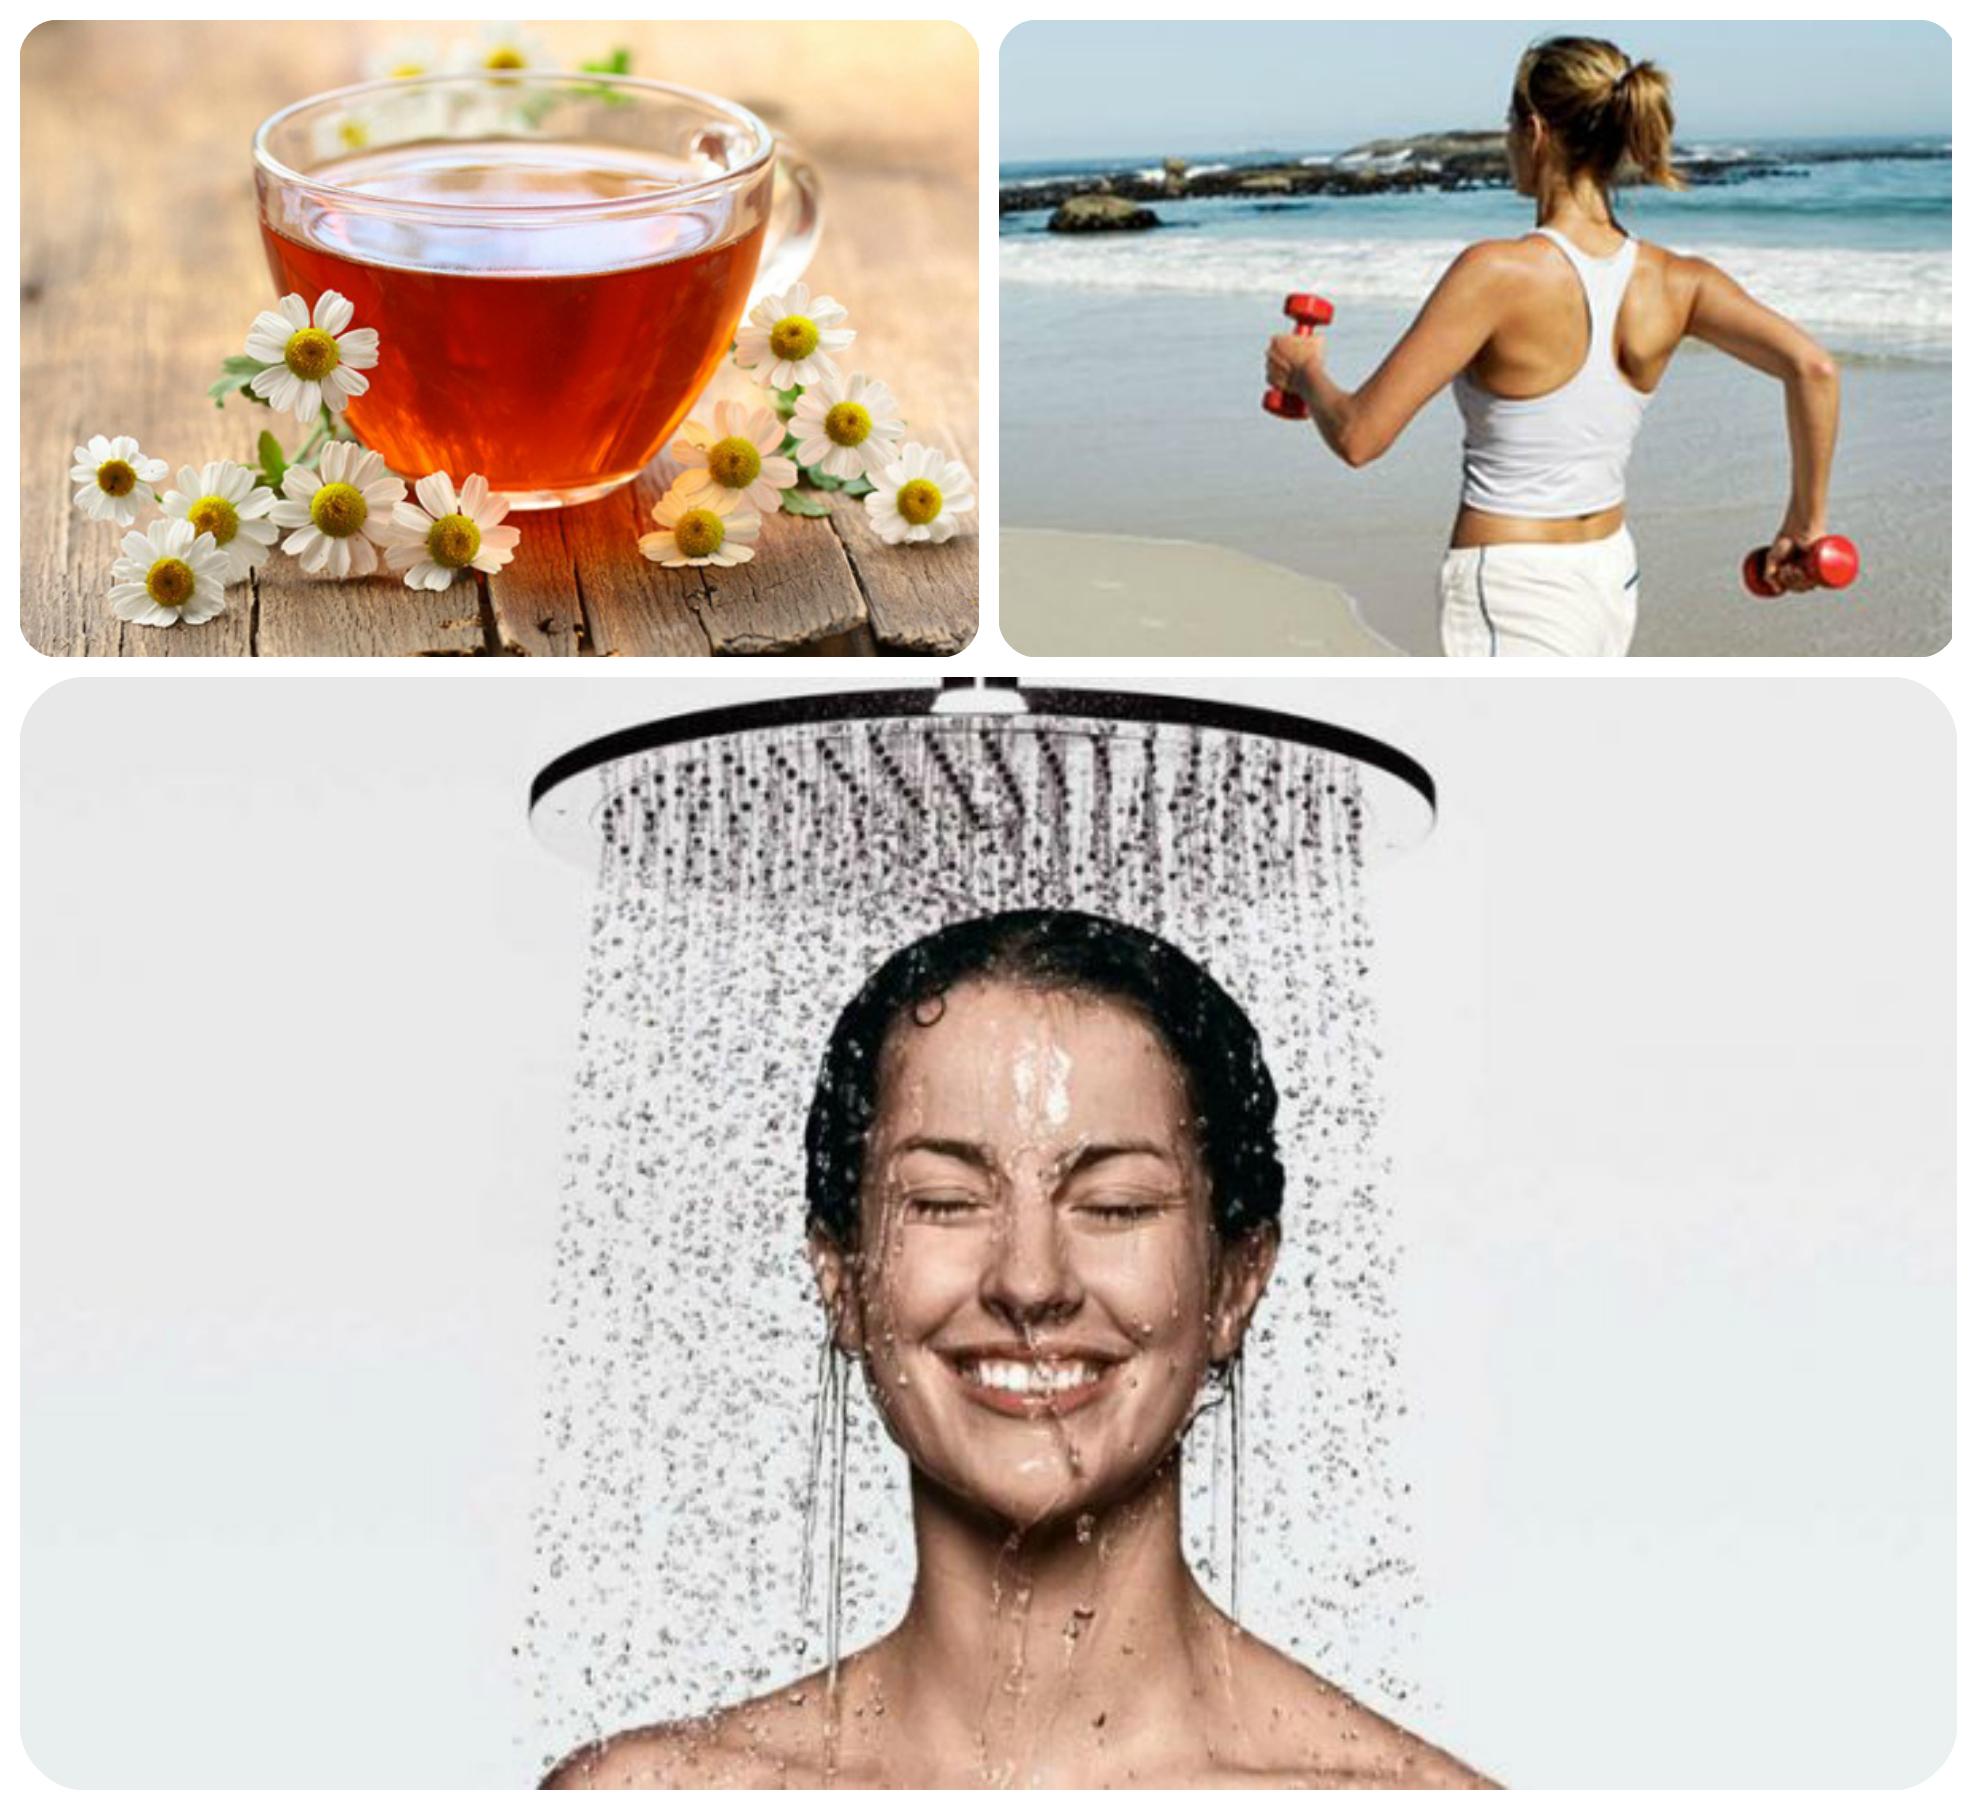 чай с ромашкой, контрастный душ, спорт